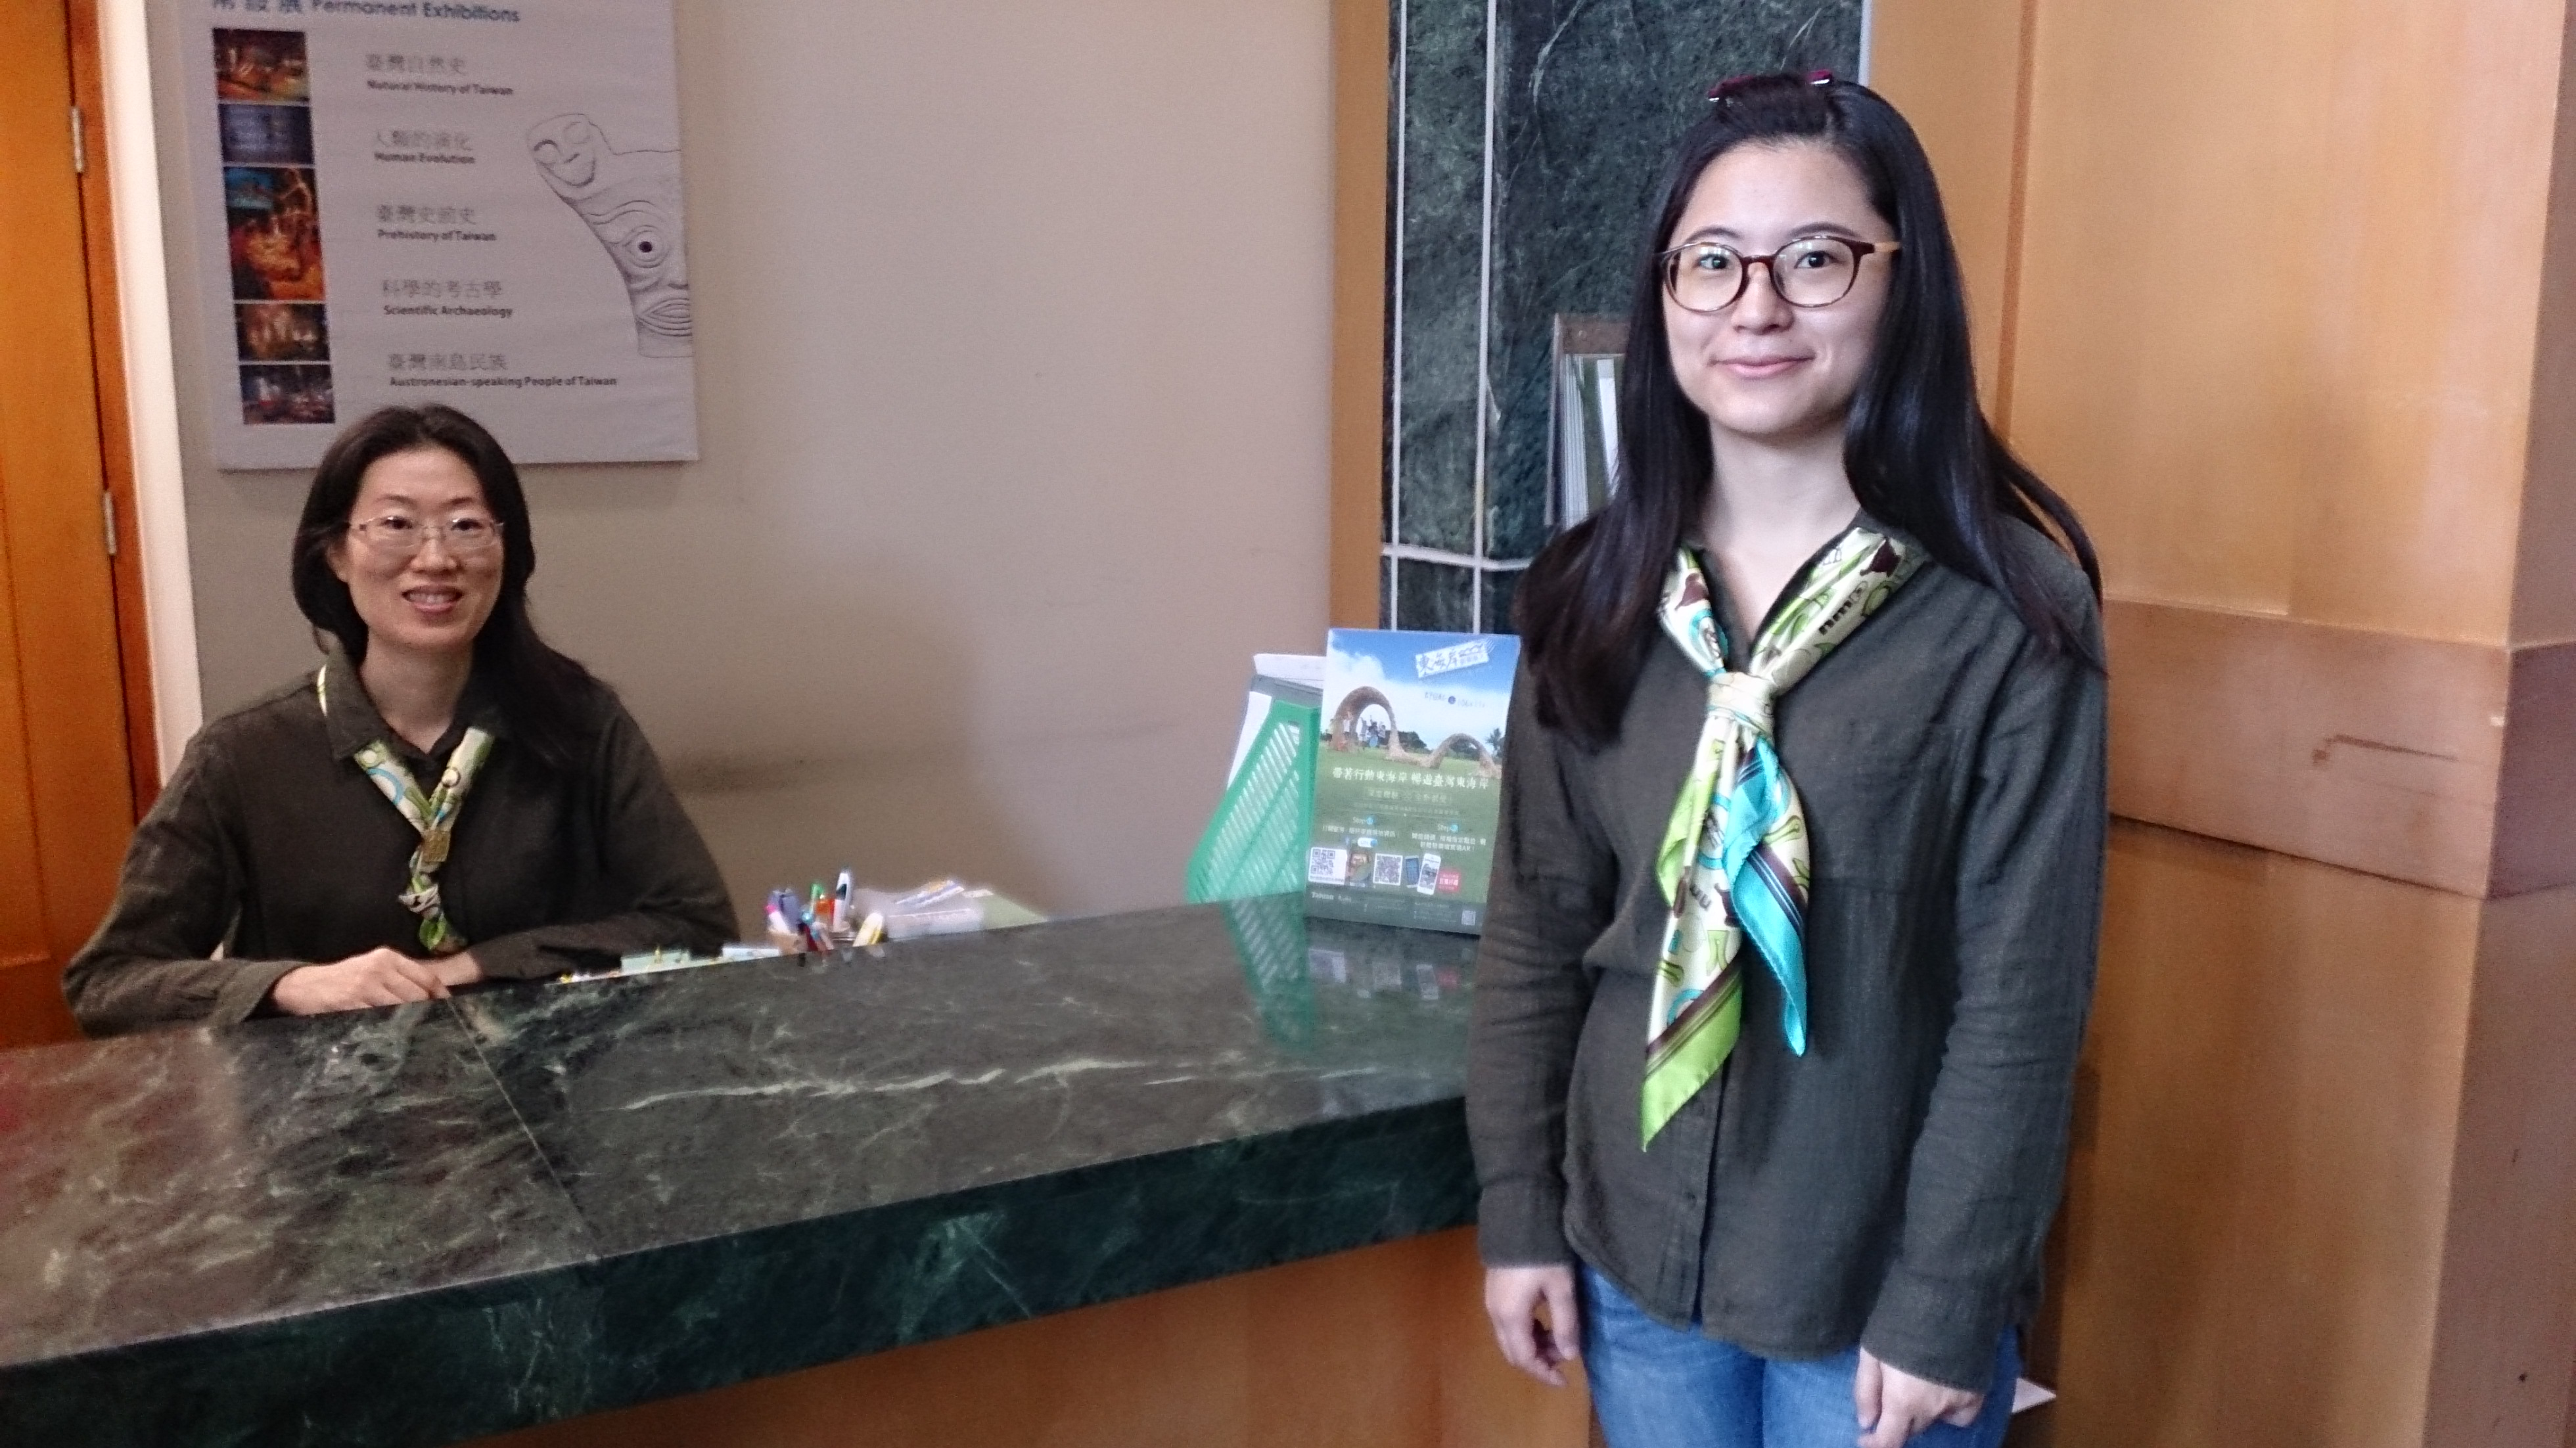 康樂本館服務人員服裝照片(冬裝)。服務人員穿著墨綠色襯衫,配戴領巾。